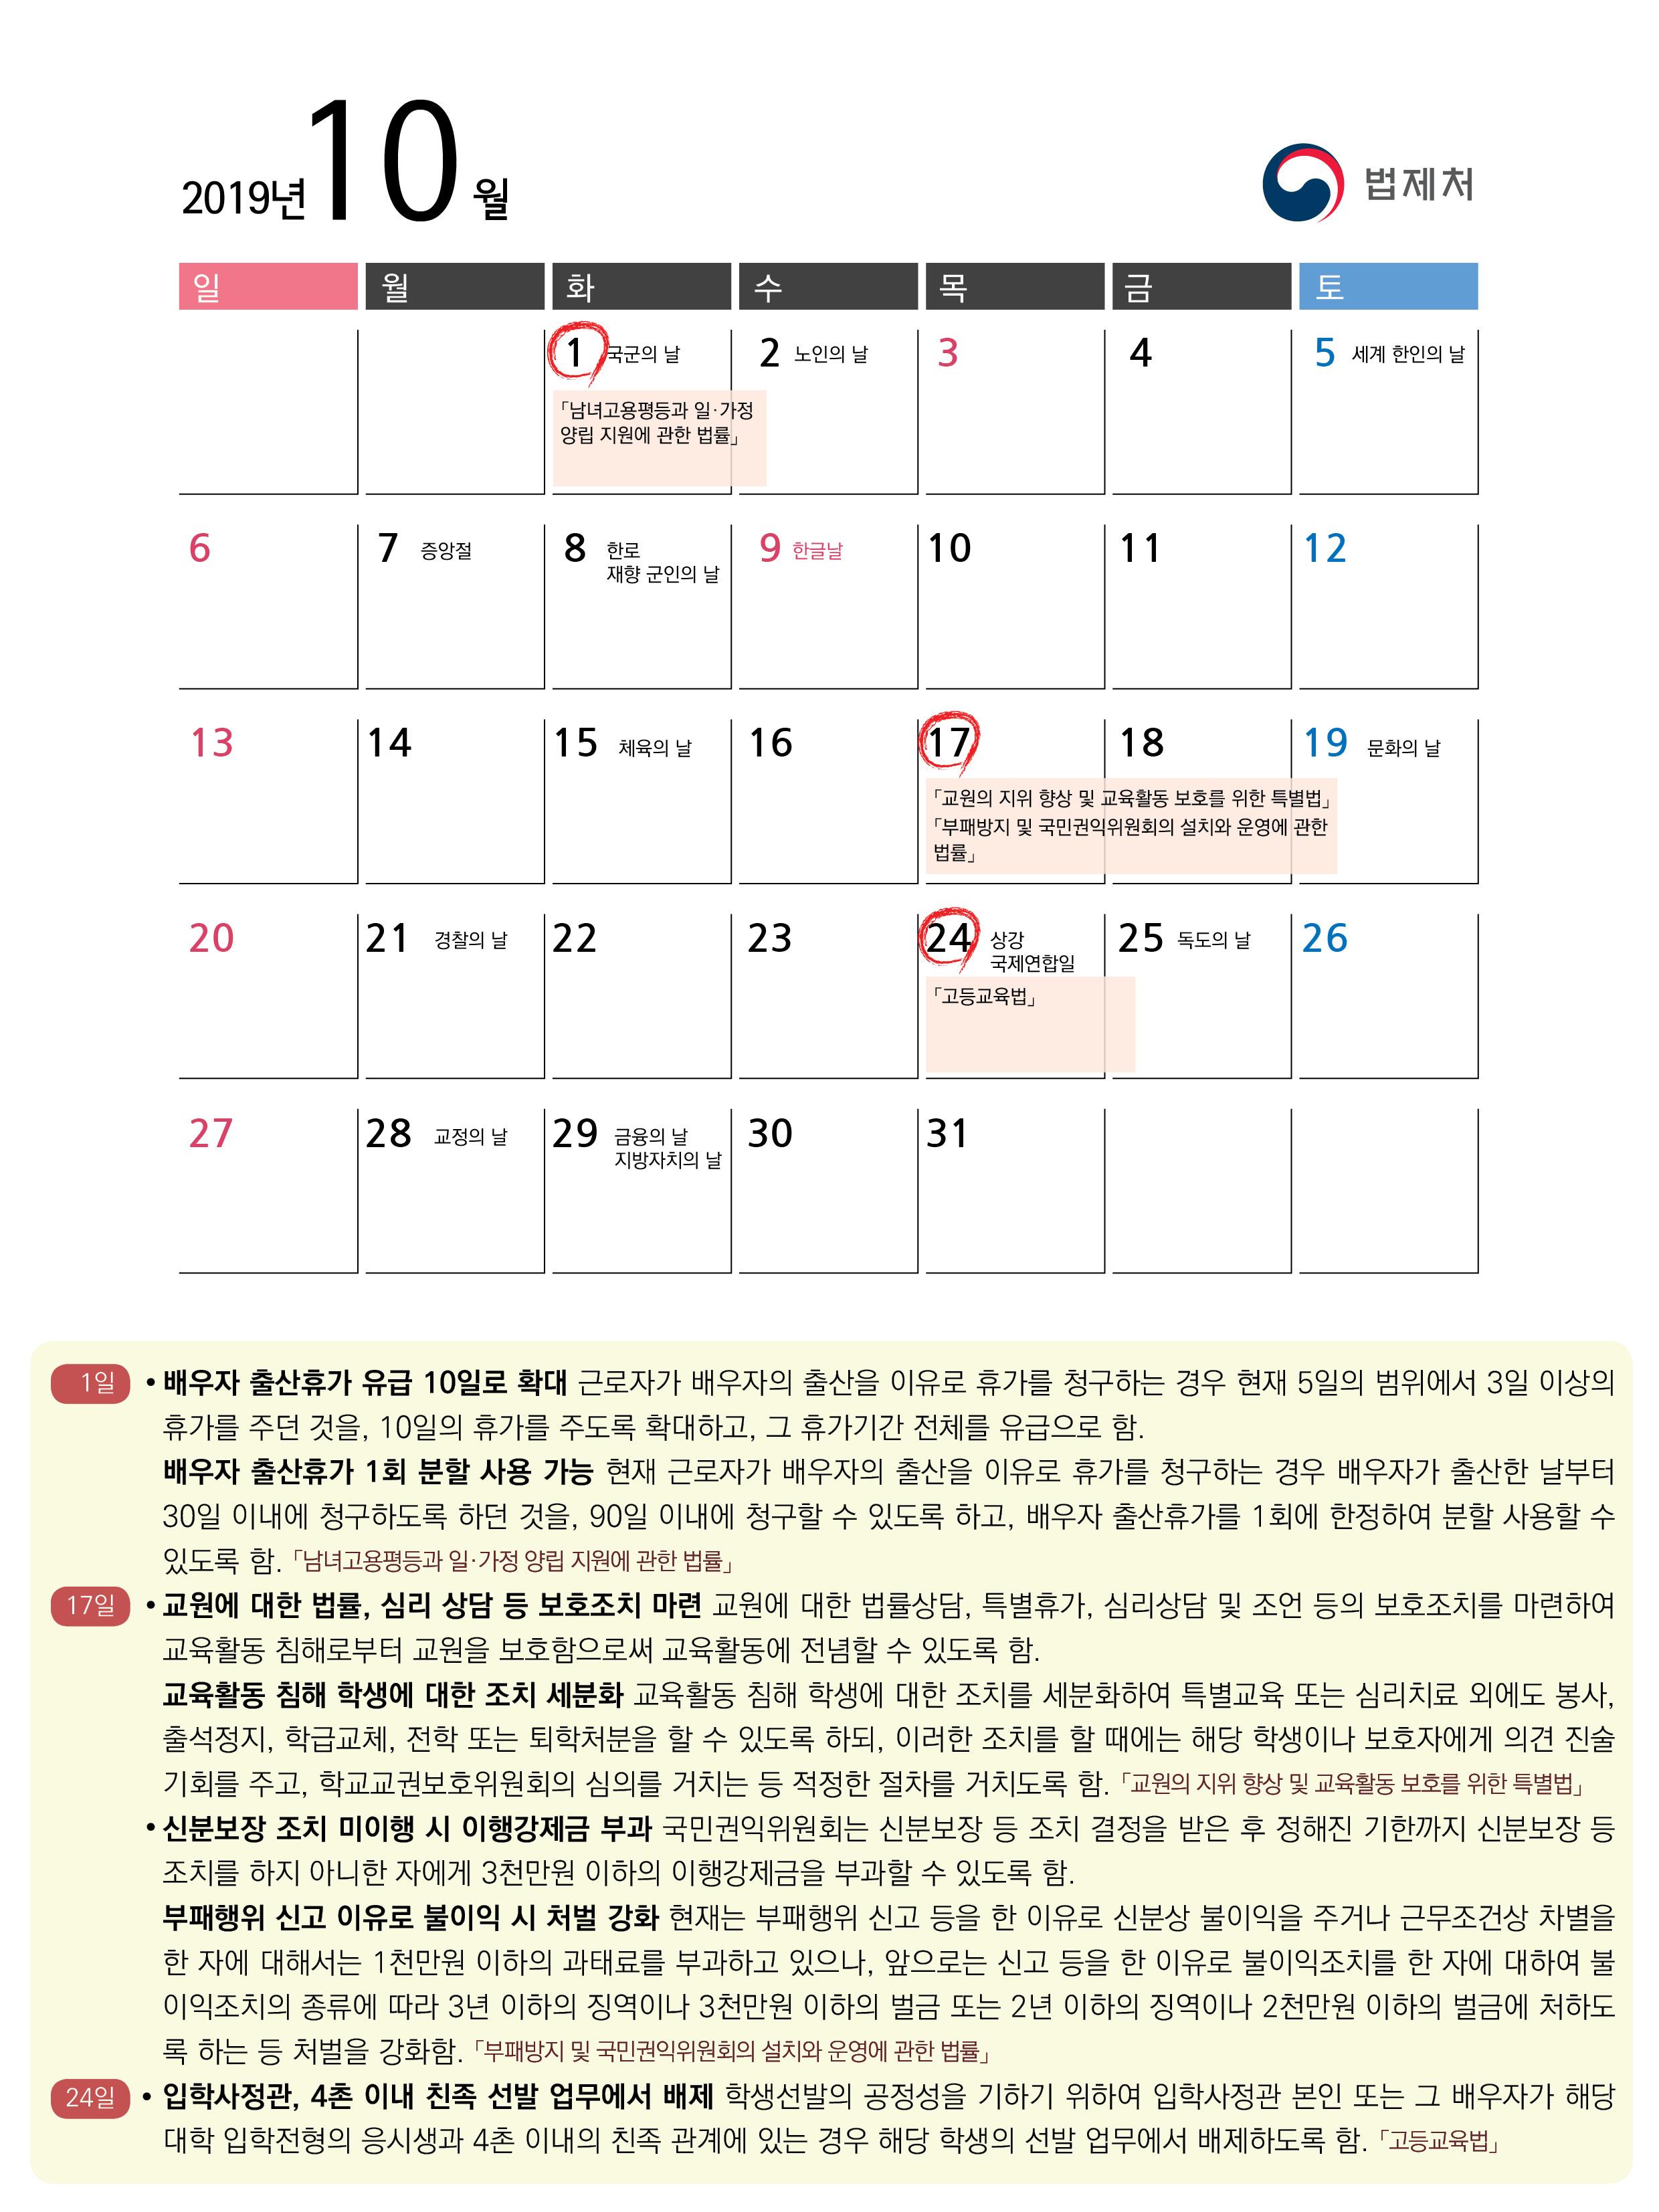 2019년 10월 주요 시행법령 : 자세한 내용은 아래의 붙임1 시행법령 및 시행일자 참고